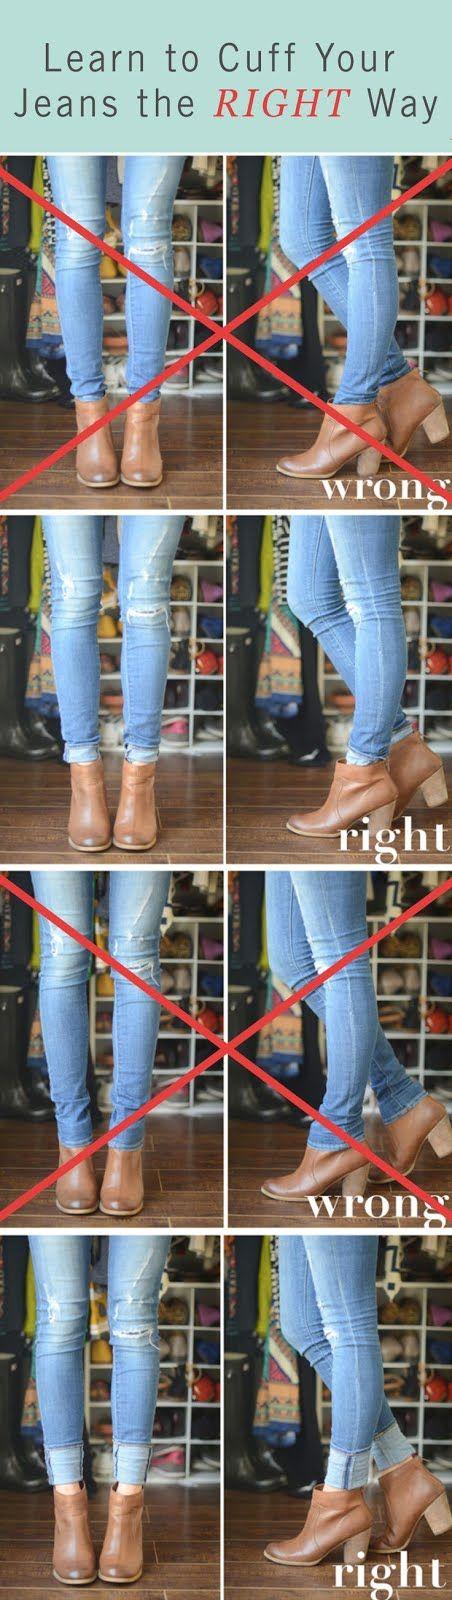 Infatti lo stiletto non è bello con il jeans dentro, se si può evitare di metterlo meglio. Lo stiletto fa cagare!!!